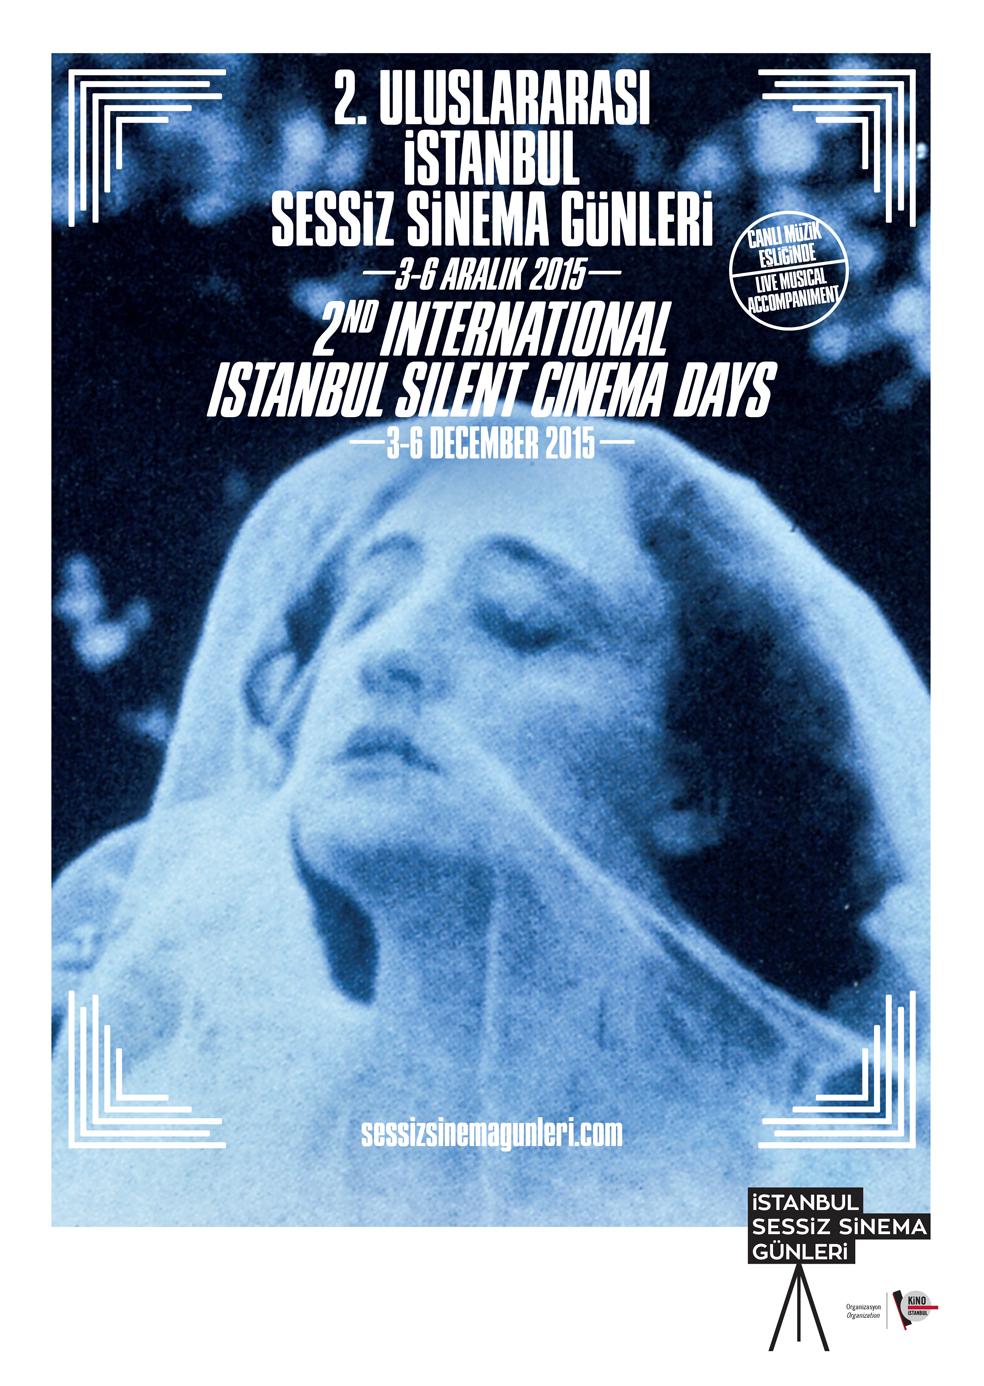 2. Uluslararası İstanbul Sessiz Sinema Günleri 3 - 6 Aralık 2015 tarihlerinde düzenlenecek.